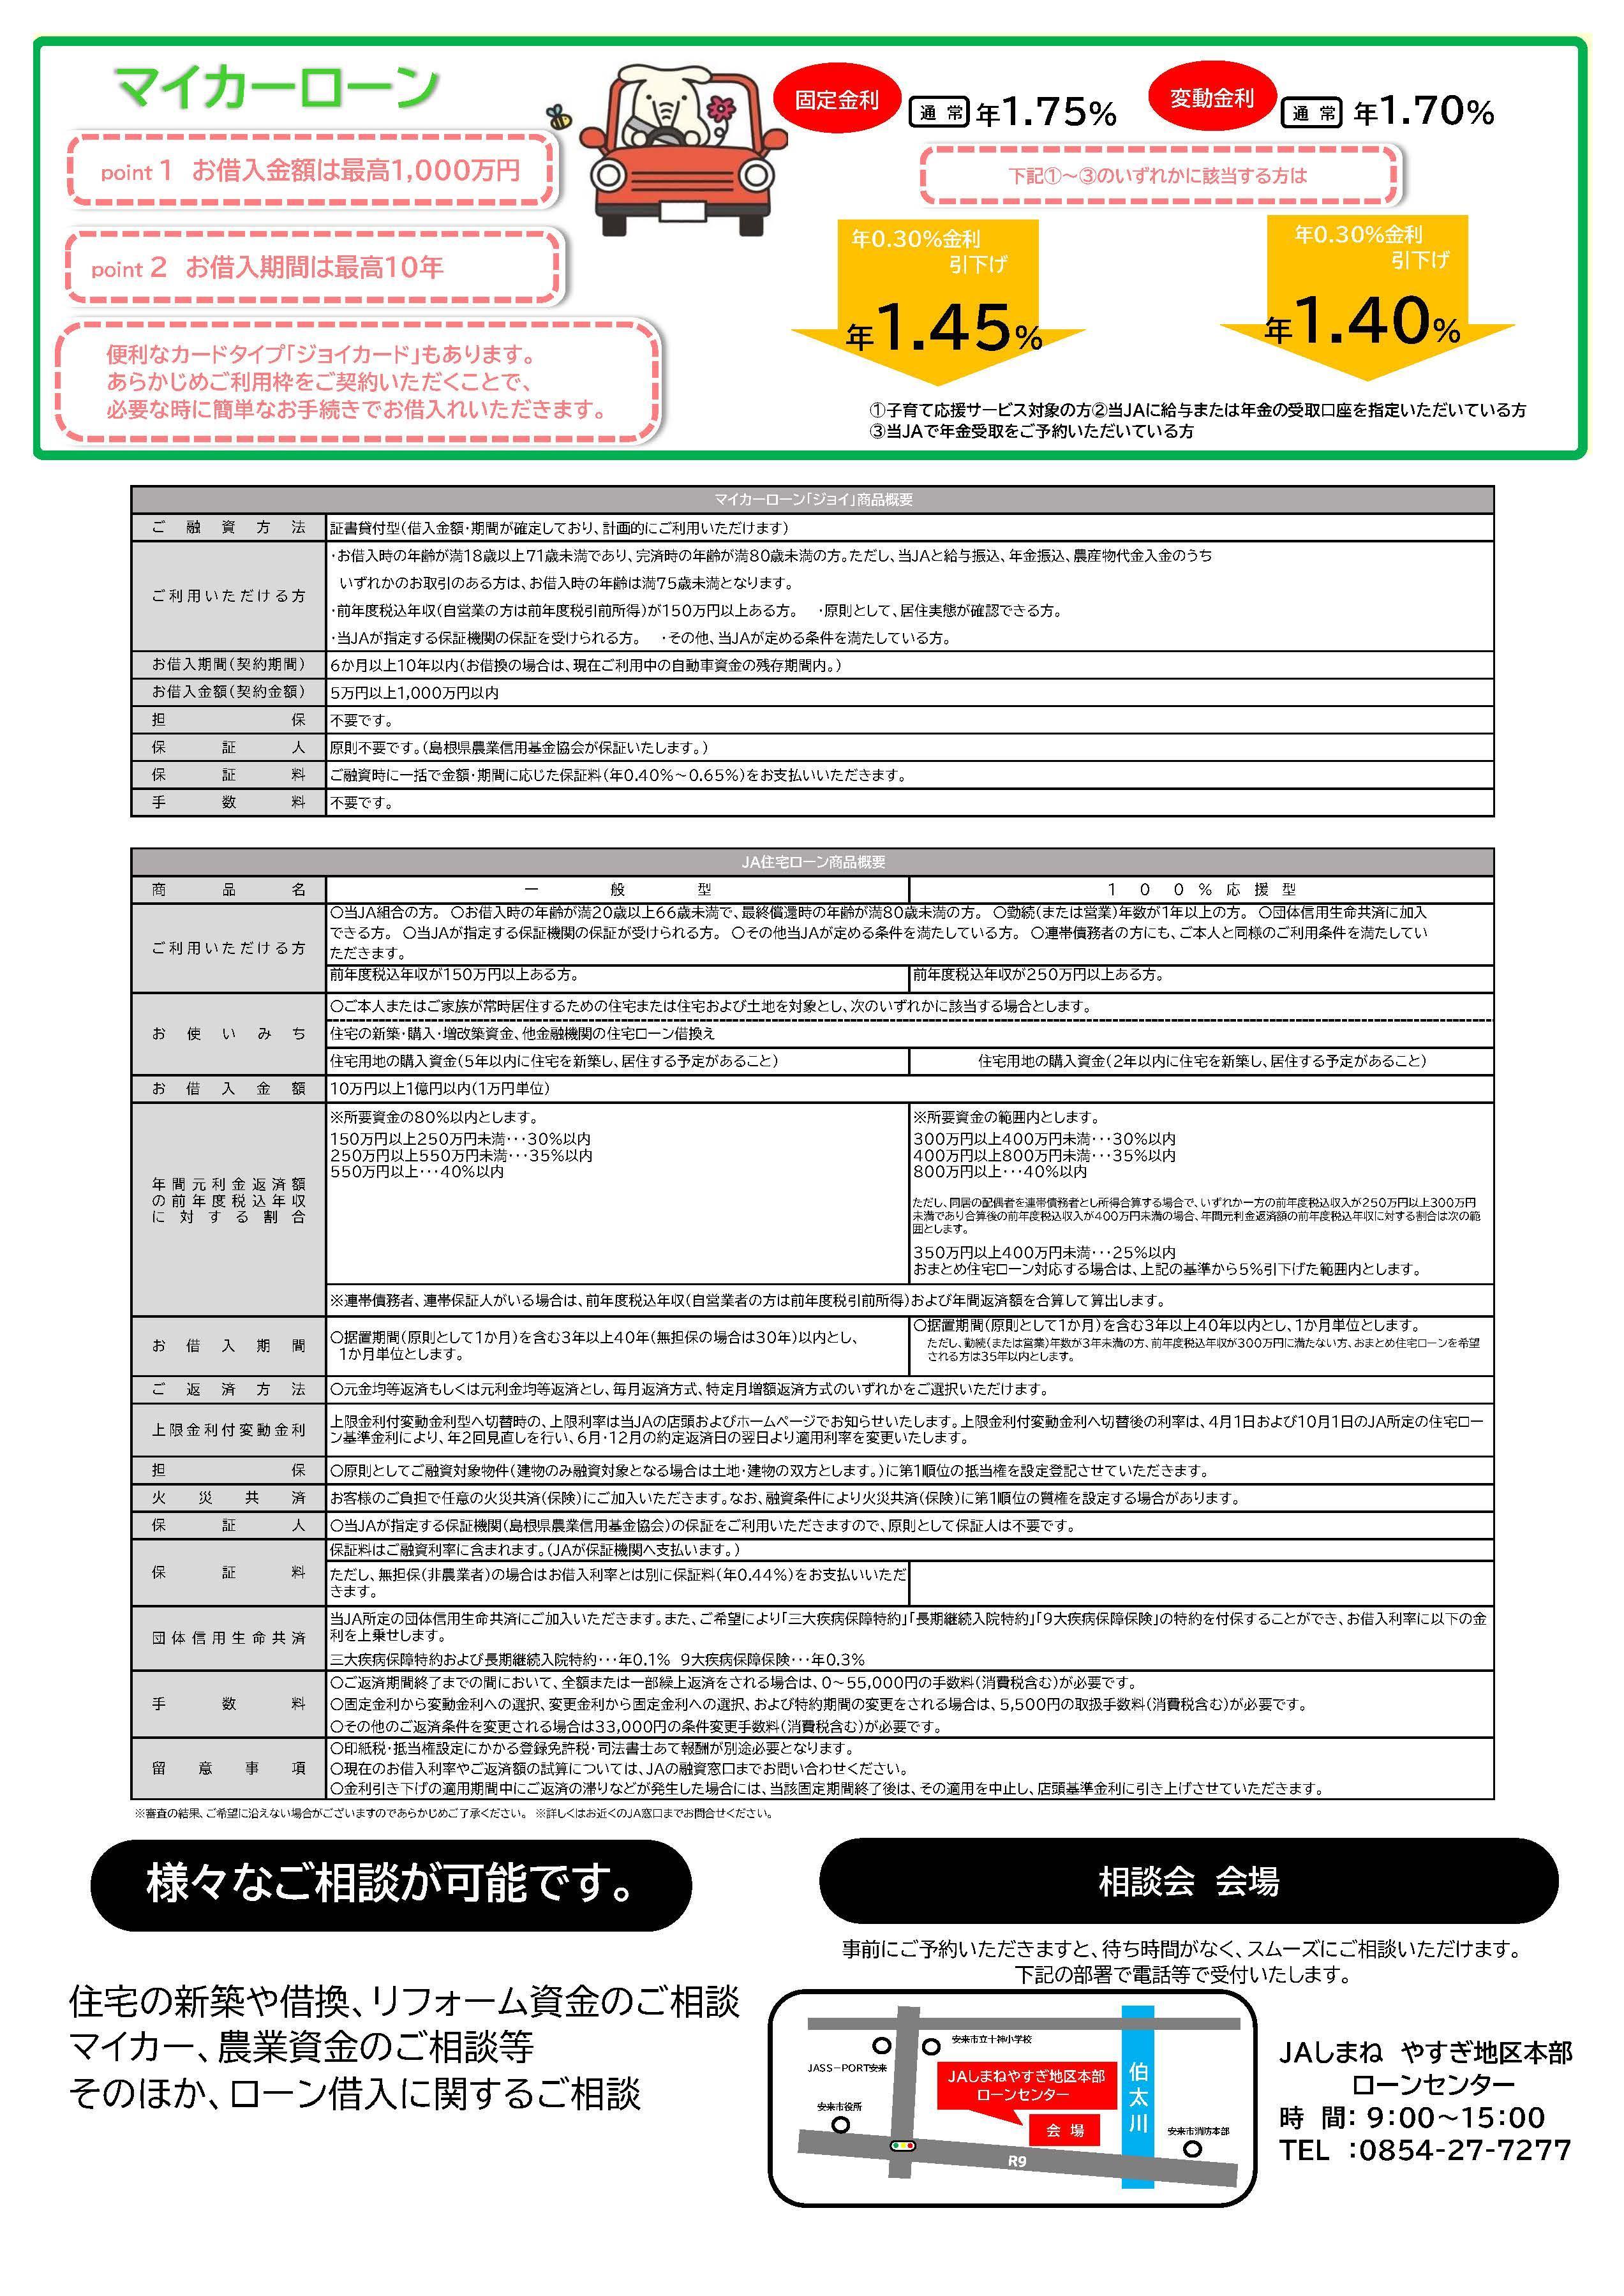 031031_ローン相談会チラシ(やすぎ) 2.jpg